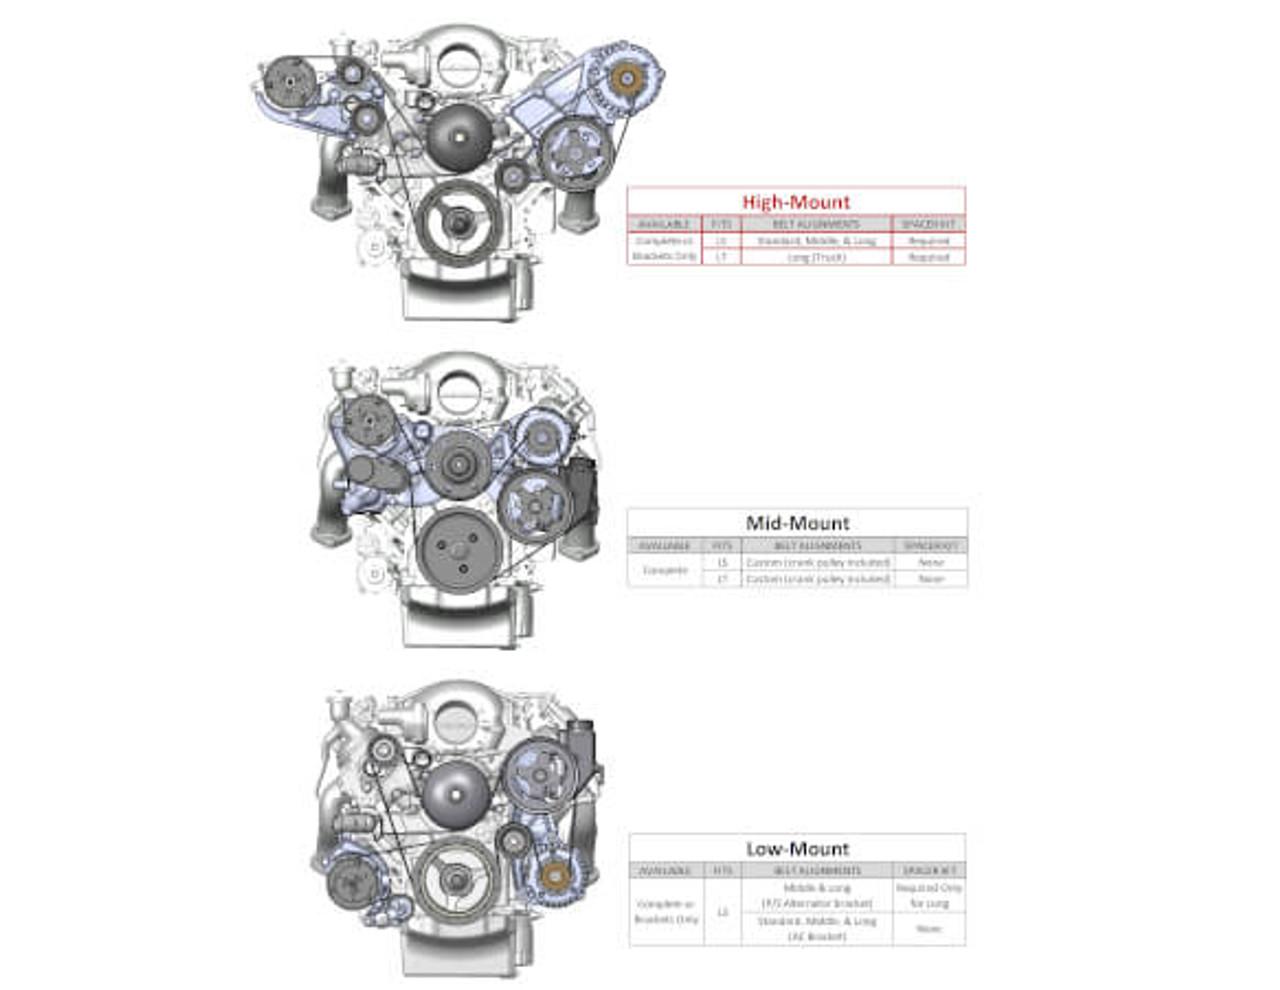 Holley 97-152 Power Steering Pump Pulley